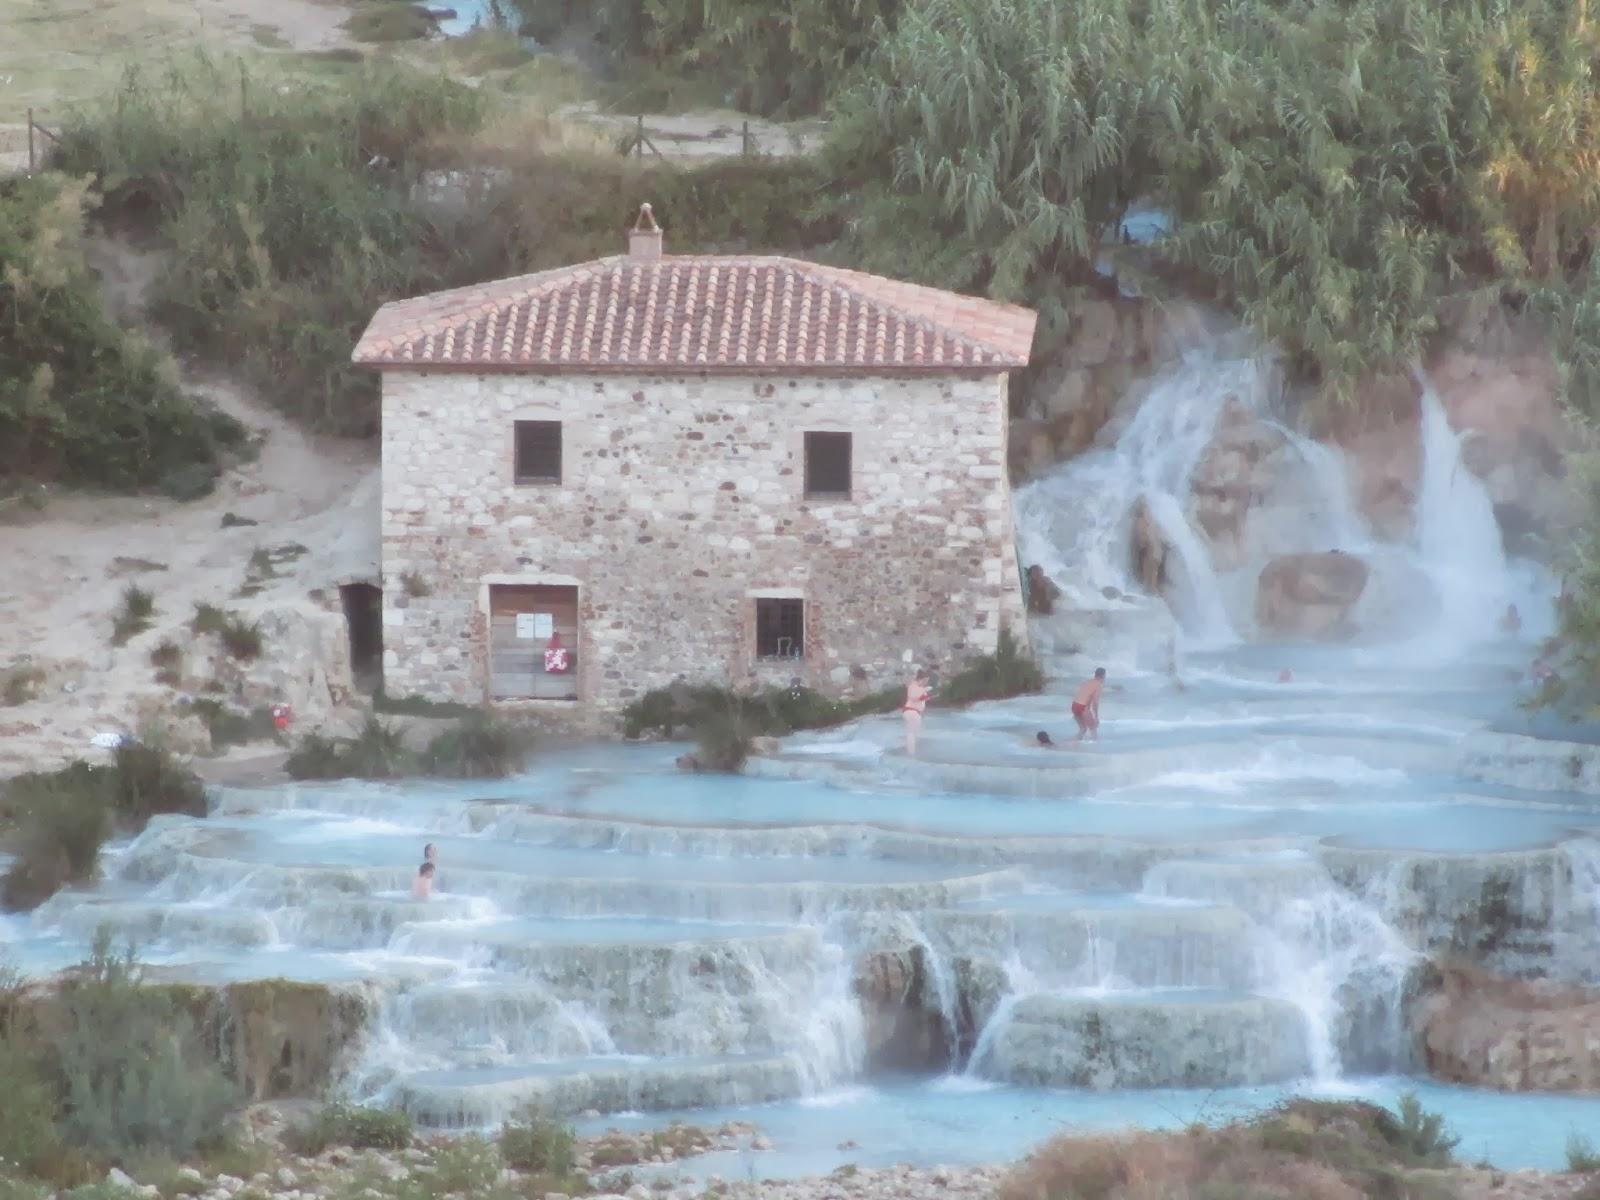 """Concorso fotografico """"Saluti da"""": vince la Foto della Cascata del Mulino di Saturnia a Manciano (Grosseto)"""